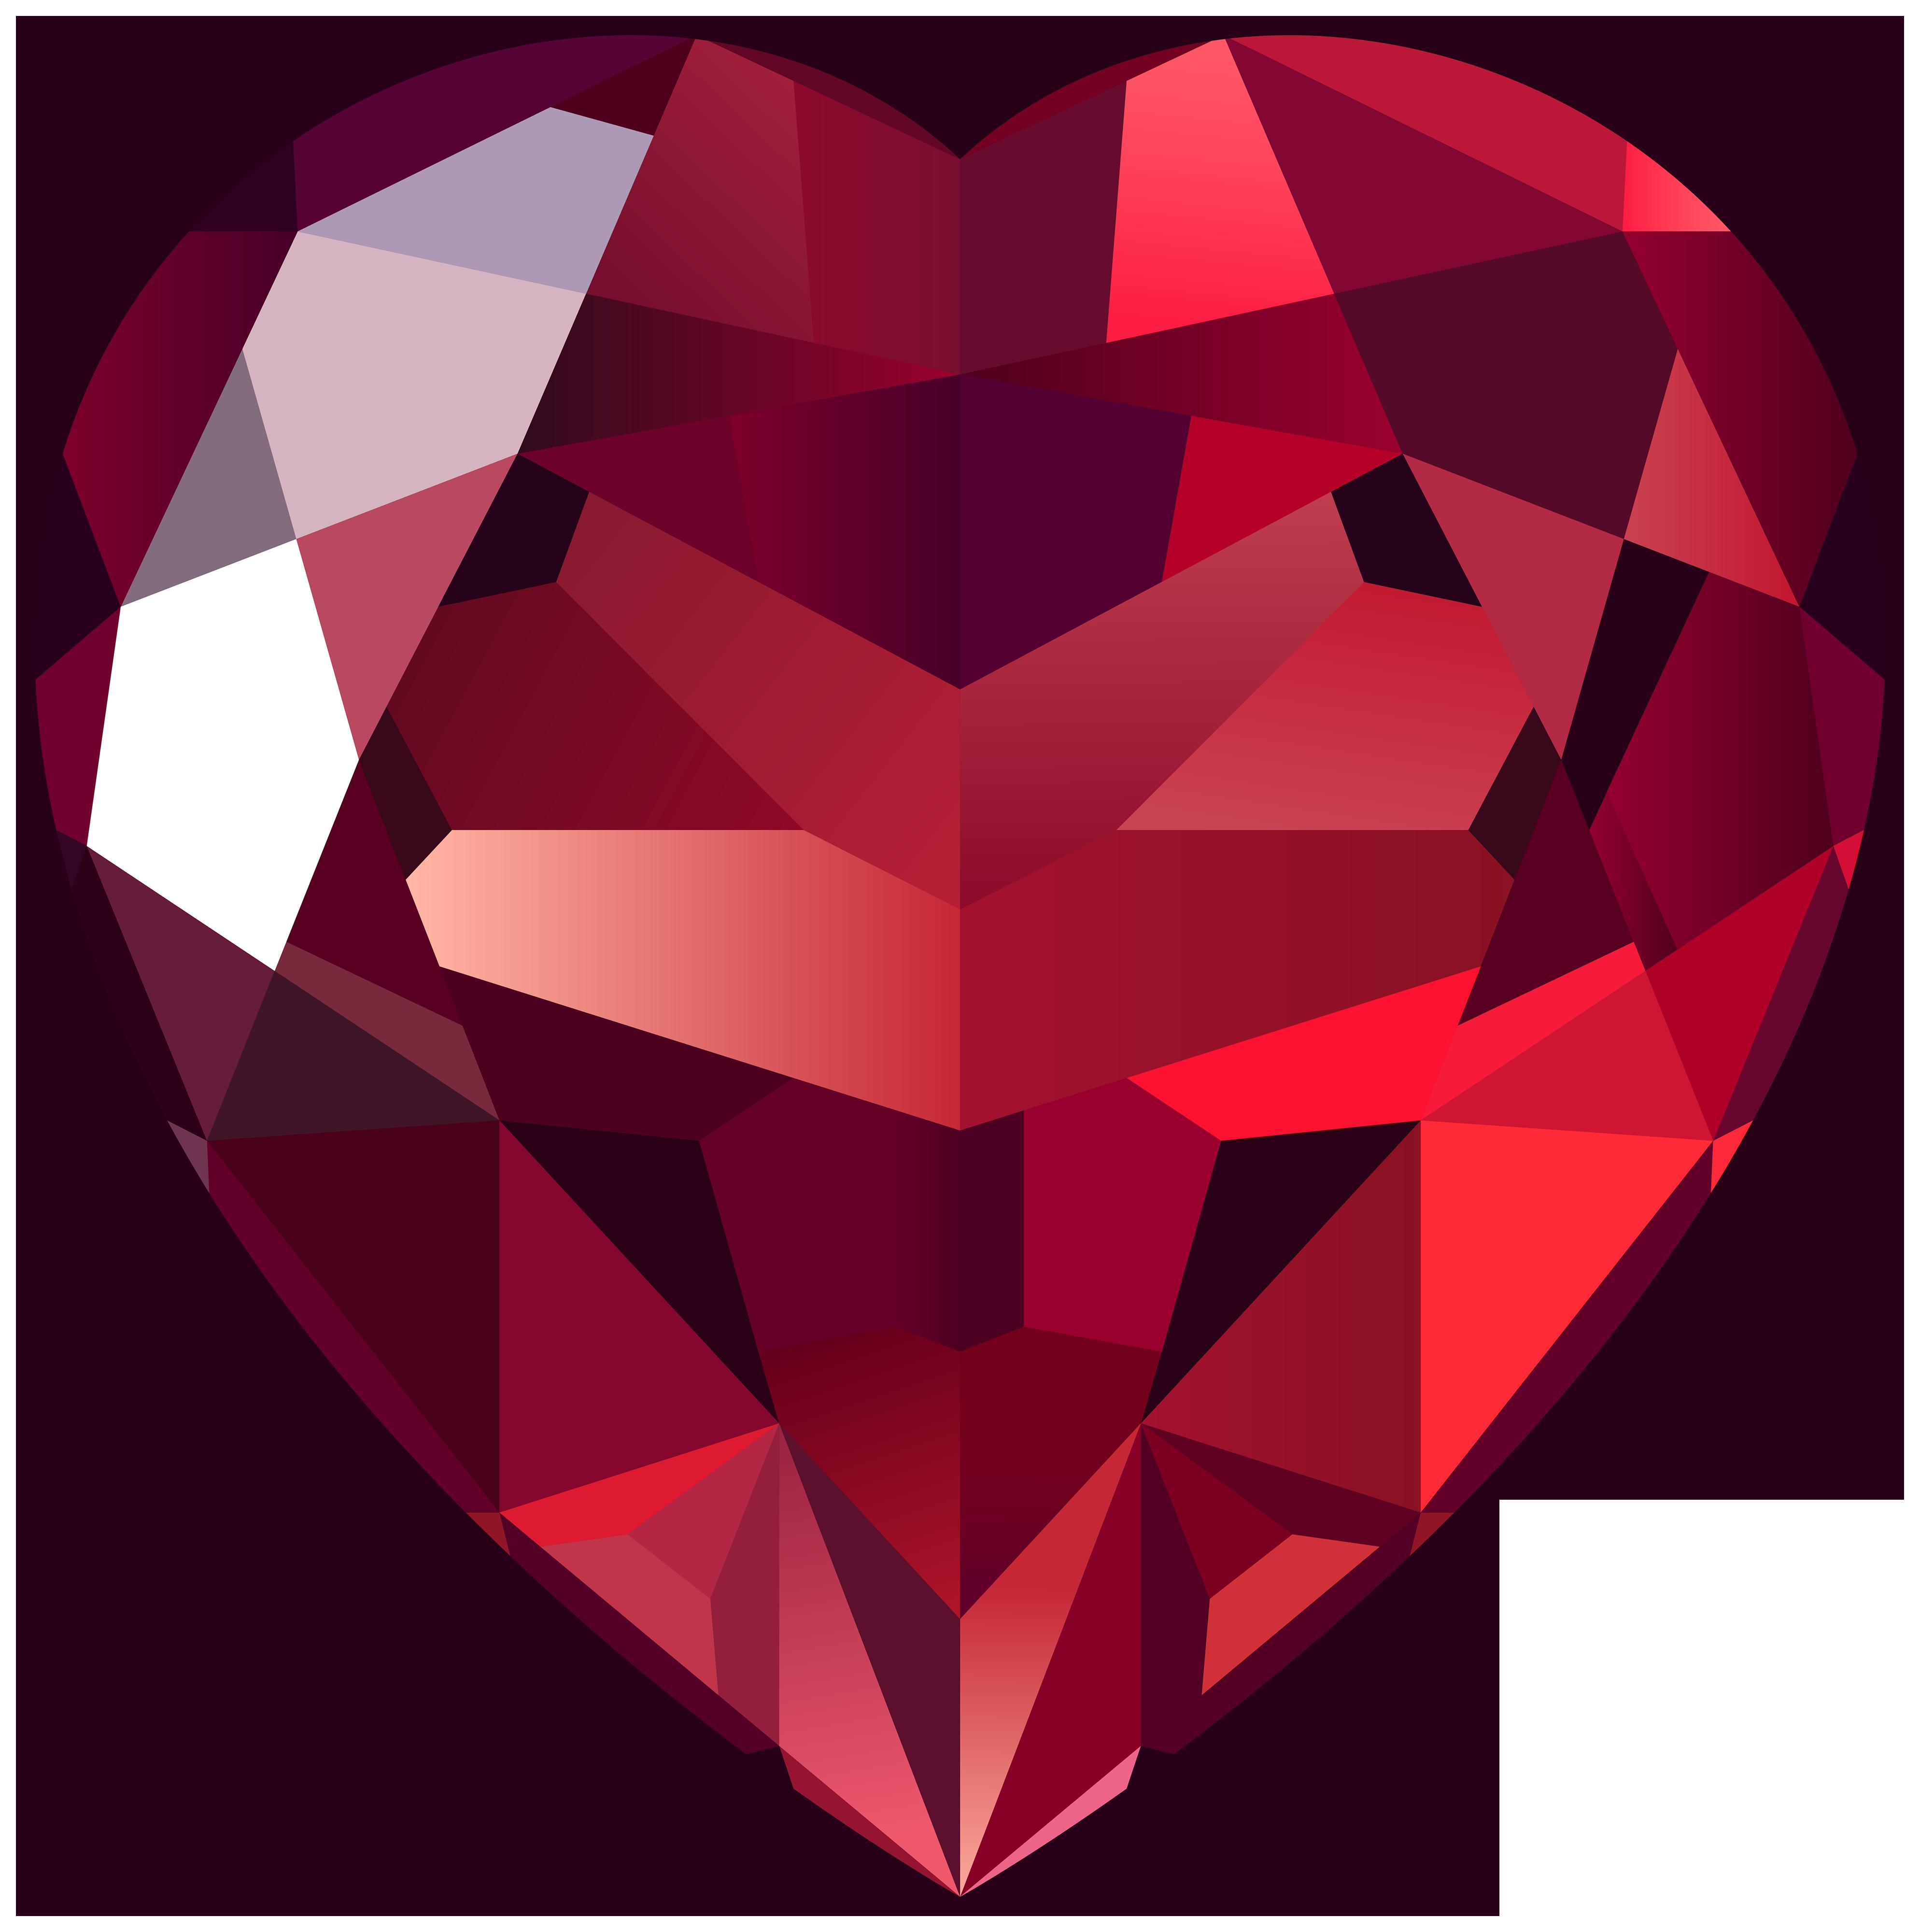 Ruby png best web. Moustache clipart heart